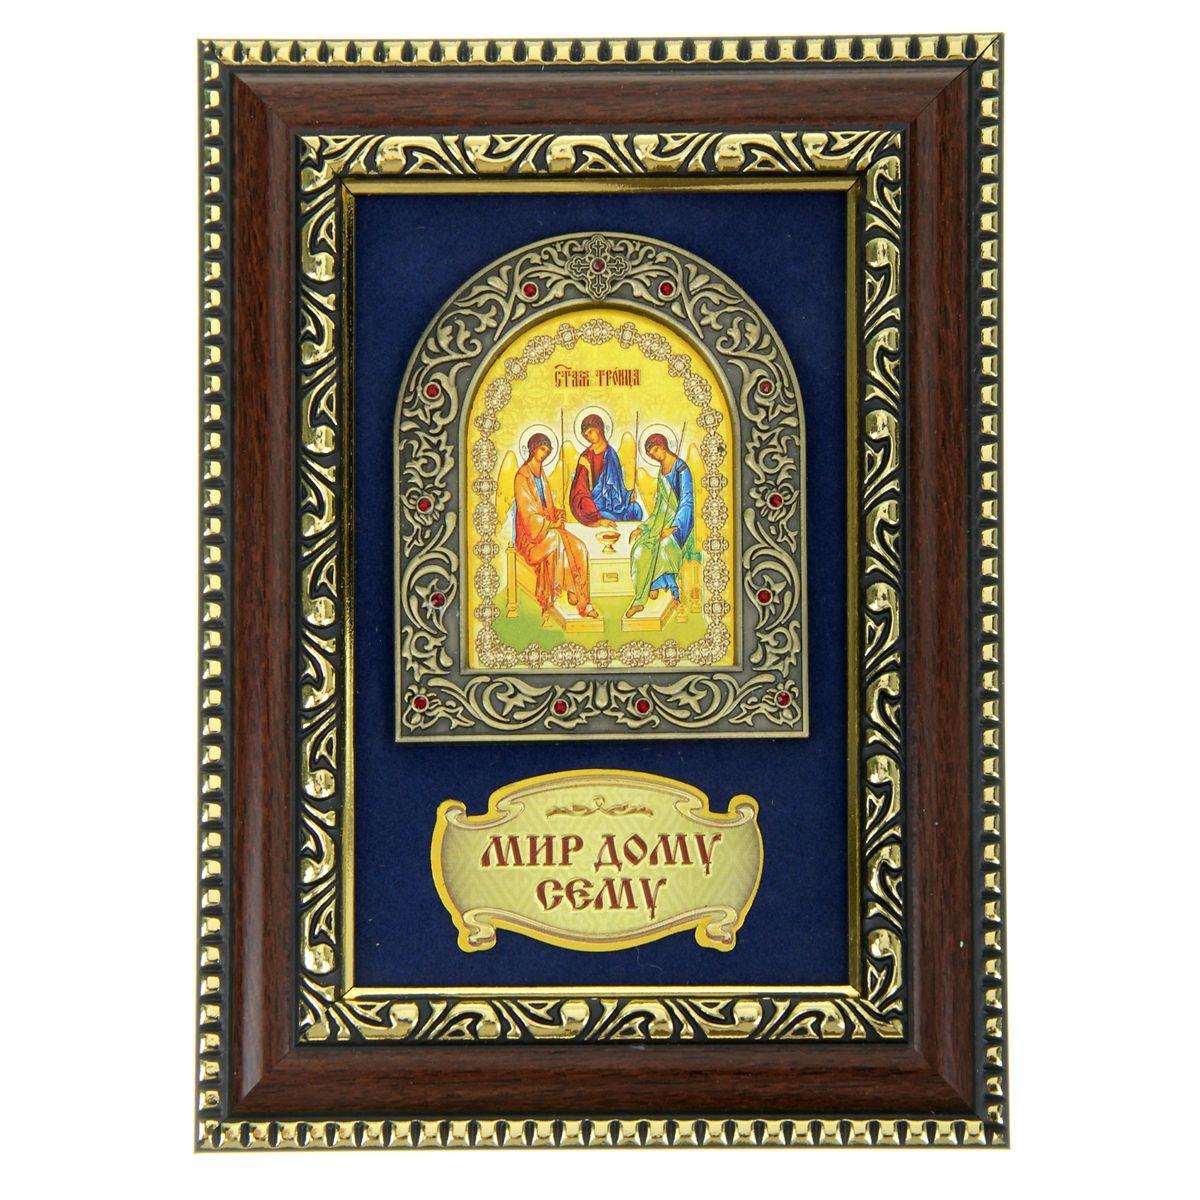 Панно-икона Святая Троица, 14,5 см х 19,5 смFS-91909Панно-икона Святая Троица представляет собой небольшую икону, размещенную на картонной подложке синего цвета. Ниже расположена табличка с надписью Мир дому сему. Икона обрамлена в металлическую рамку, украшенную изысканным рельефом и инкрустированную мелкими красными стразами. Рамка для панно с золотистым узорным рельефом выполнена из дерева. Панно можно подвесить на стену или поставить на стол, для чего с задней стороны предусмотрена специальная ножка. Любое помещение выглядит незавершенным без правильно расположенных предметов интерьера. Они помогают создать уют, расставить акценты, подчеркнуть достоинства или скрыть недостатки. Не бывает незначительных деталей. Из мелочей складывается образ человека и стиль интерьера. Панно-икона Святая Троица - одна из тех деталей, которые придают дому обжитой вид и создают ощущение уюта.